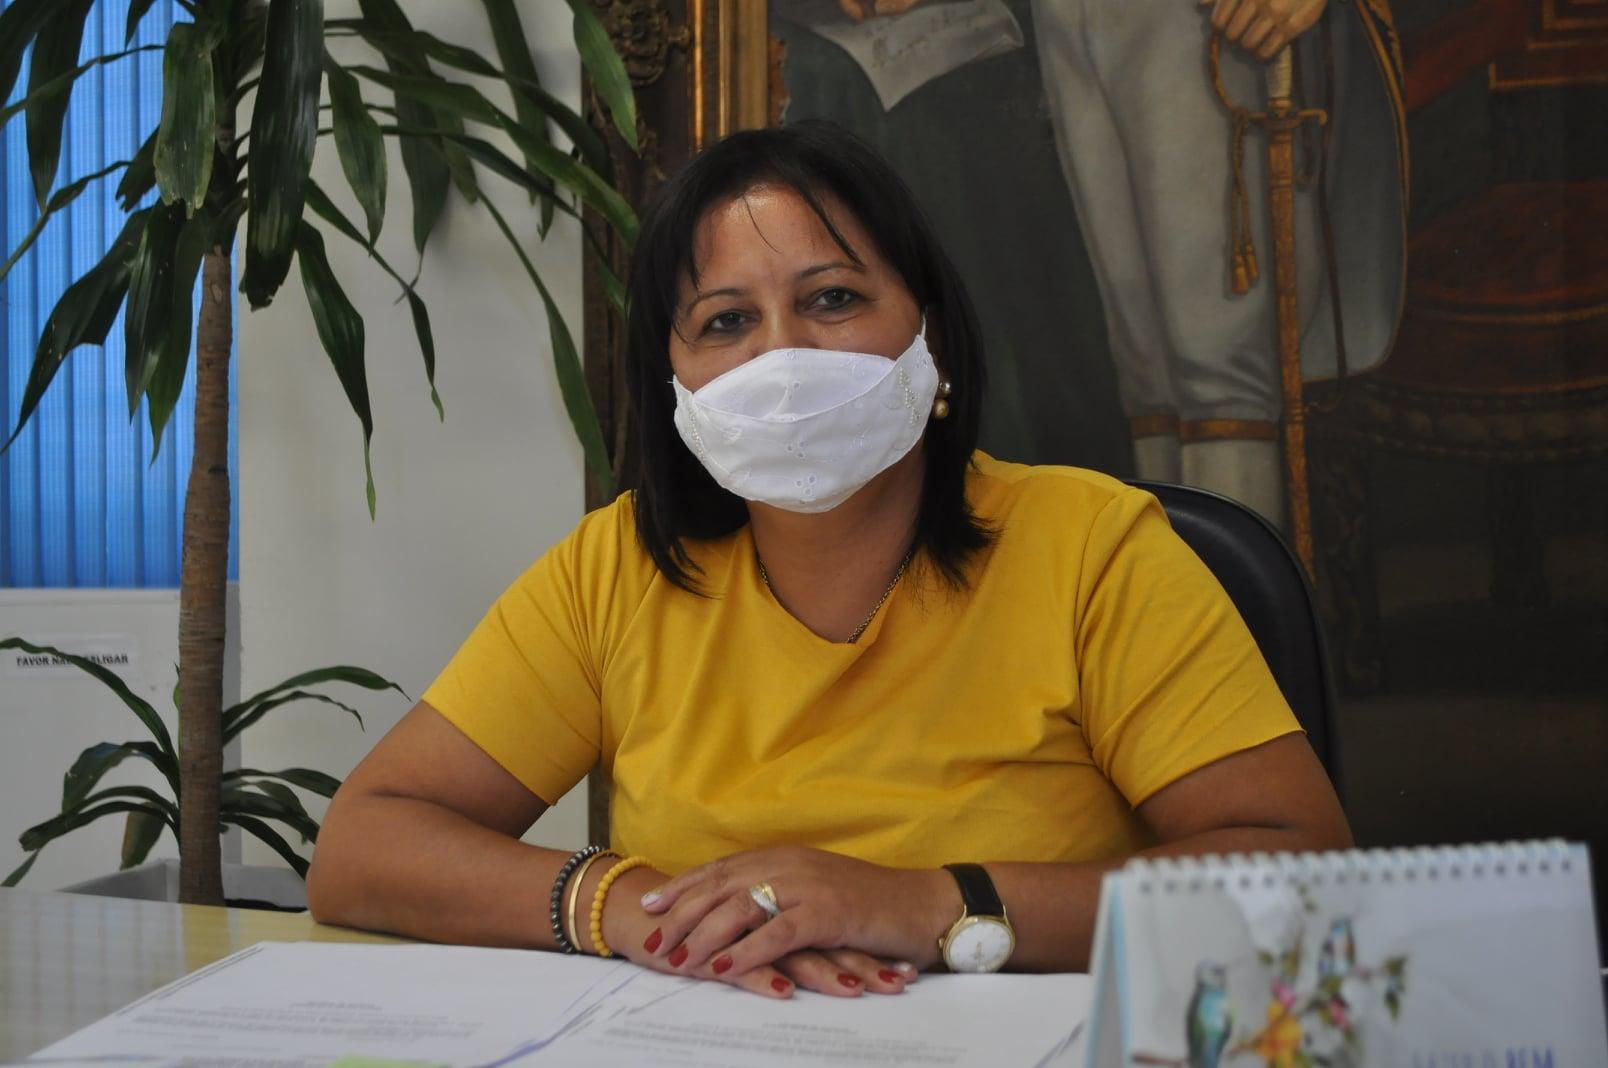 Presidente da Câmara, Firmina Soares esteve em agenda na capital - Minuano  FM